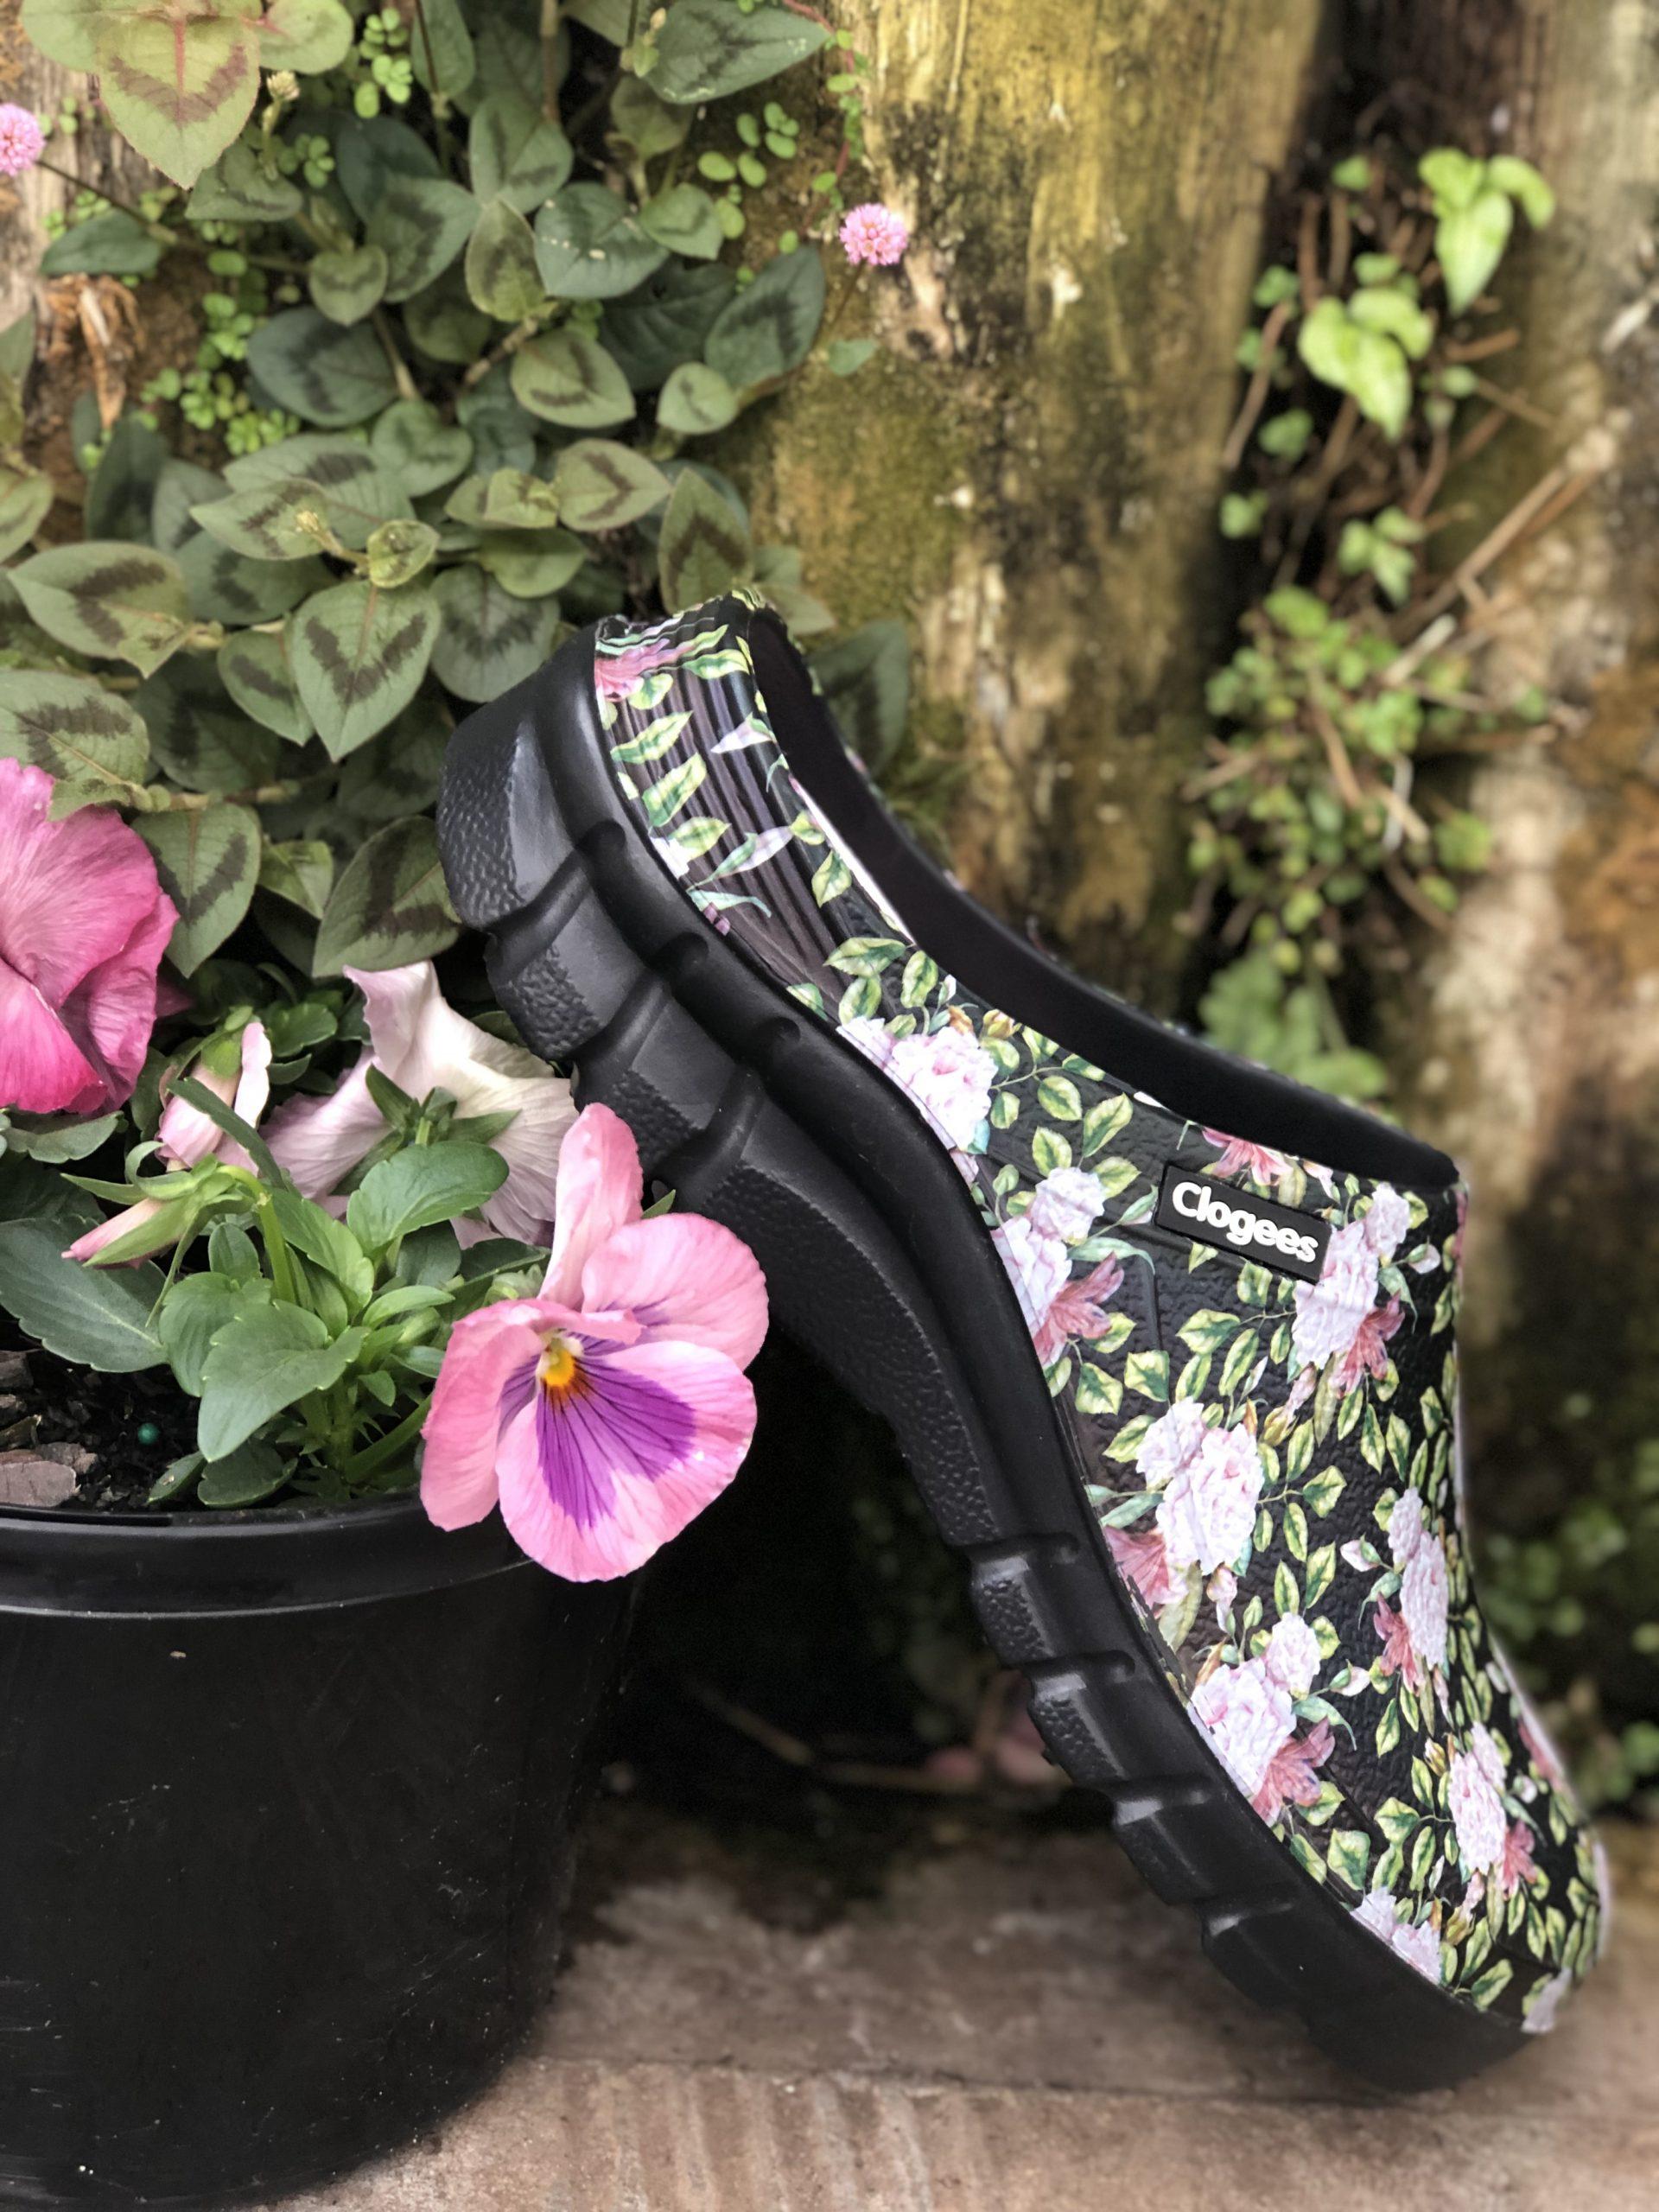 Clogees Womens Garden Clog Black Roses